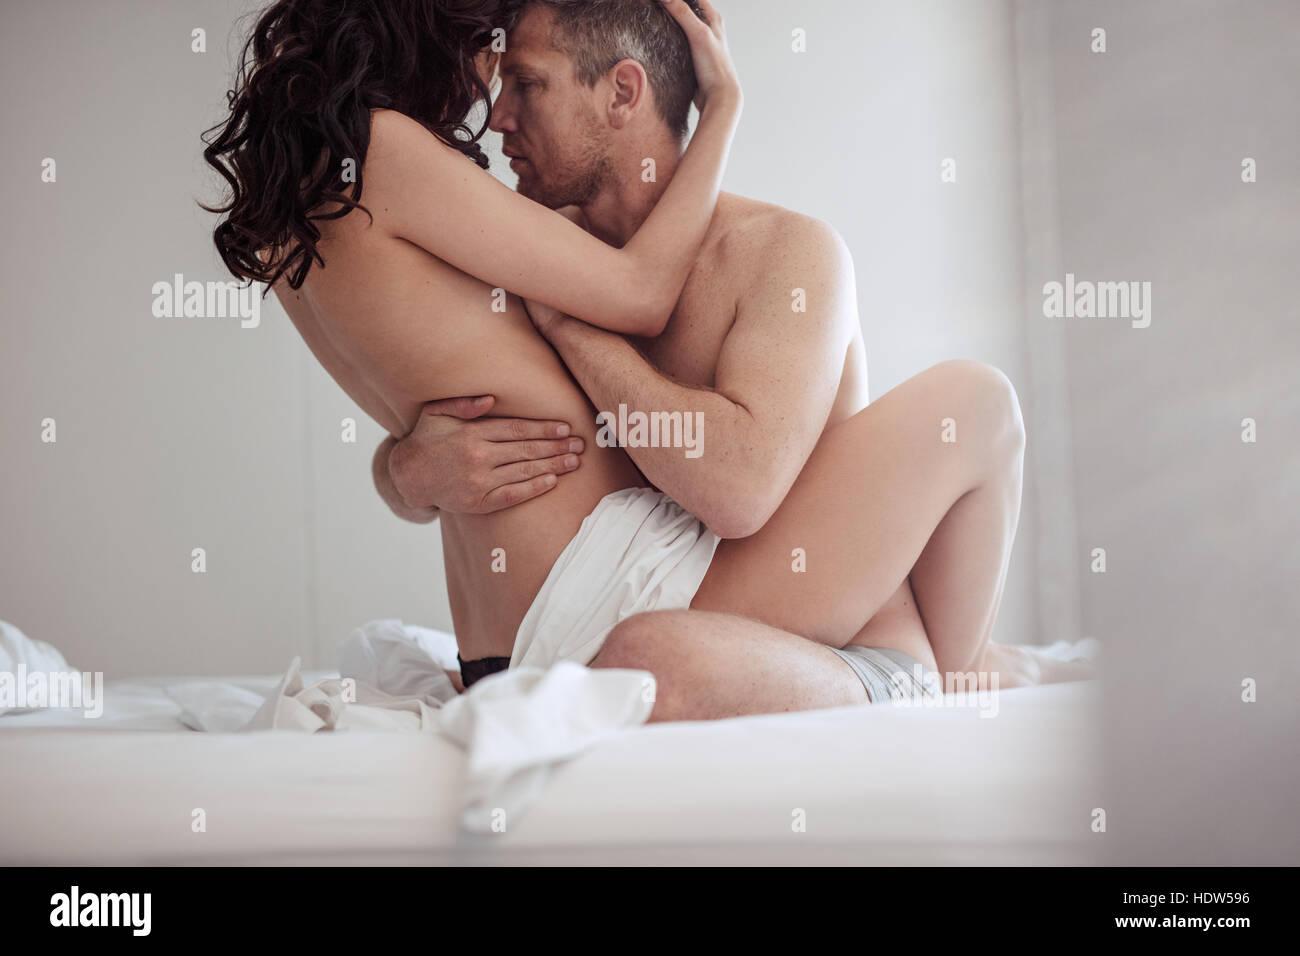 Coppia giovane avendo sesso in camera da letto. Gli amanti sensuale ...